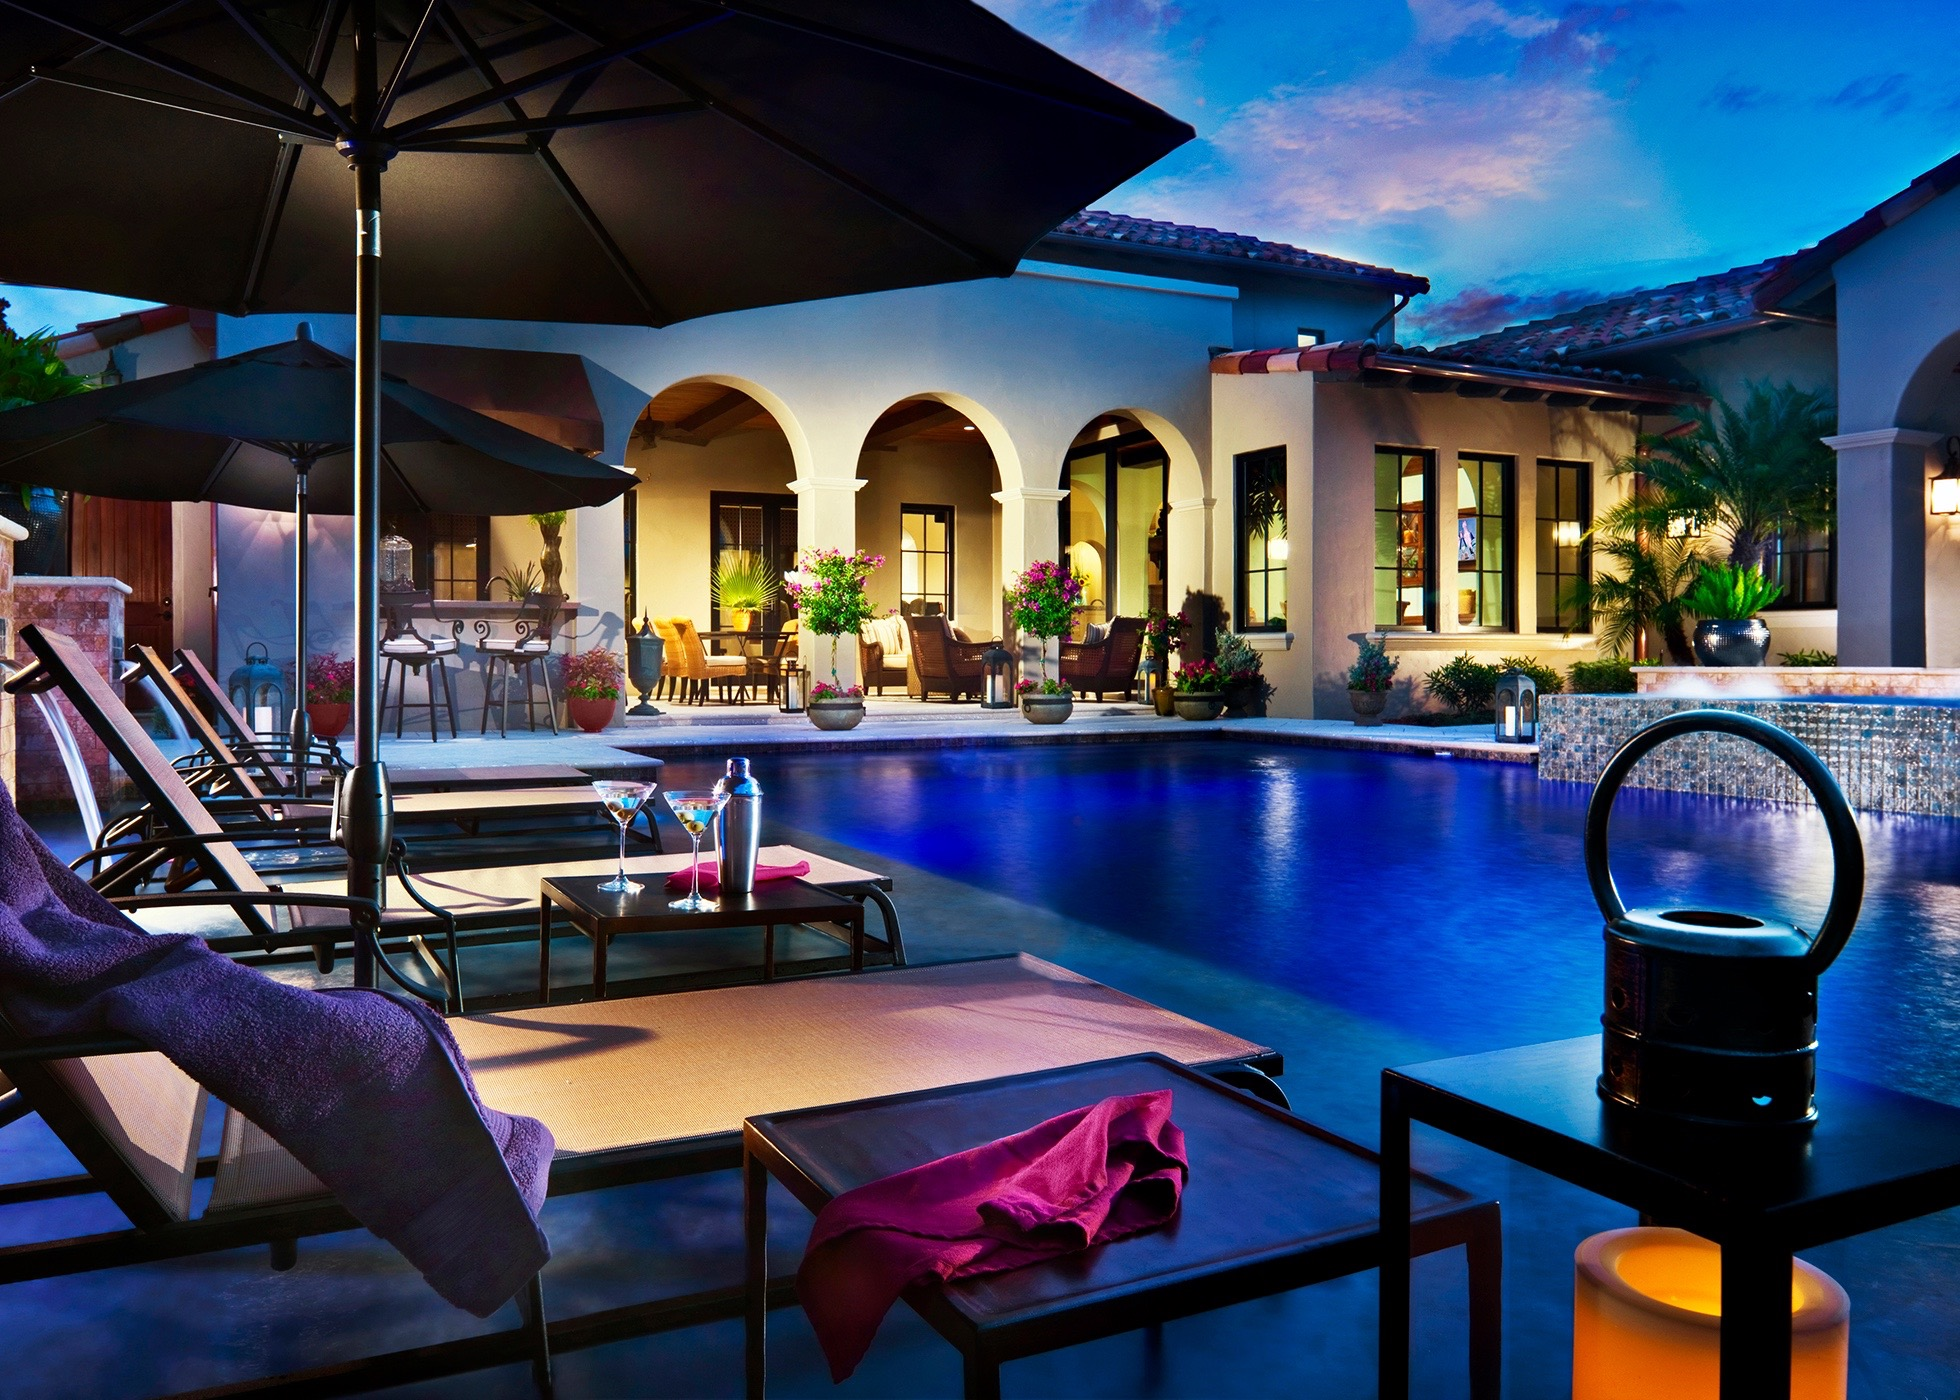 Pool - Night 4031-01 ©2011 Dan Forer_no glass_med.jpg